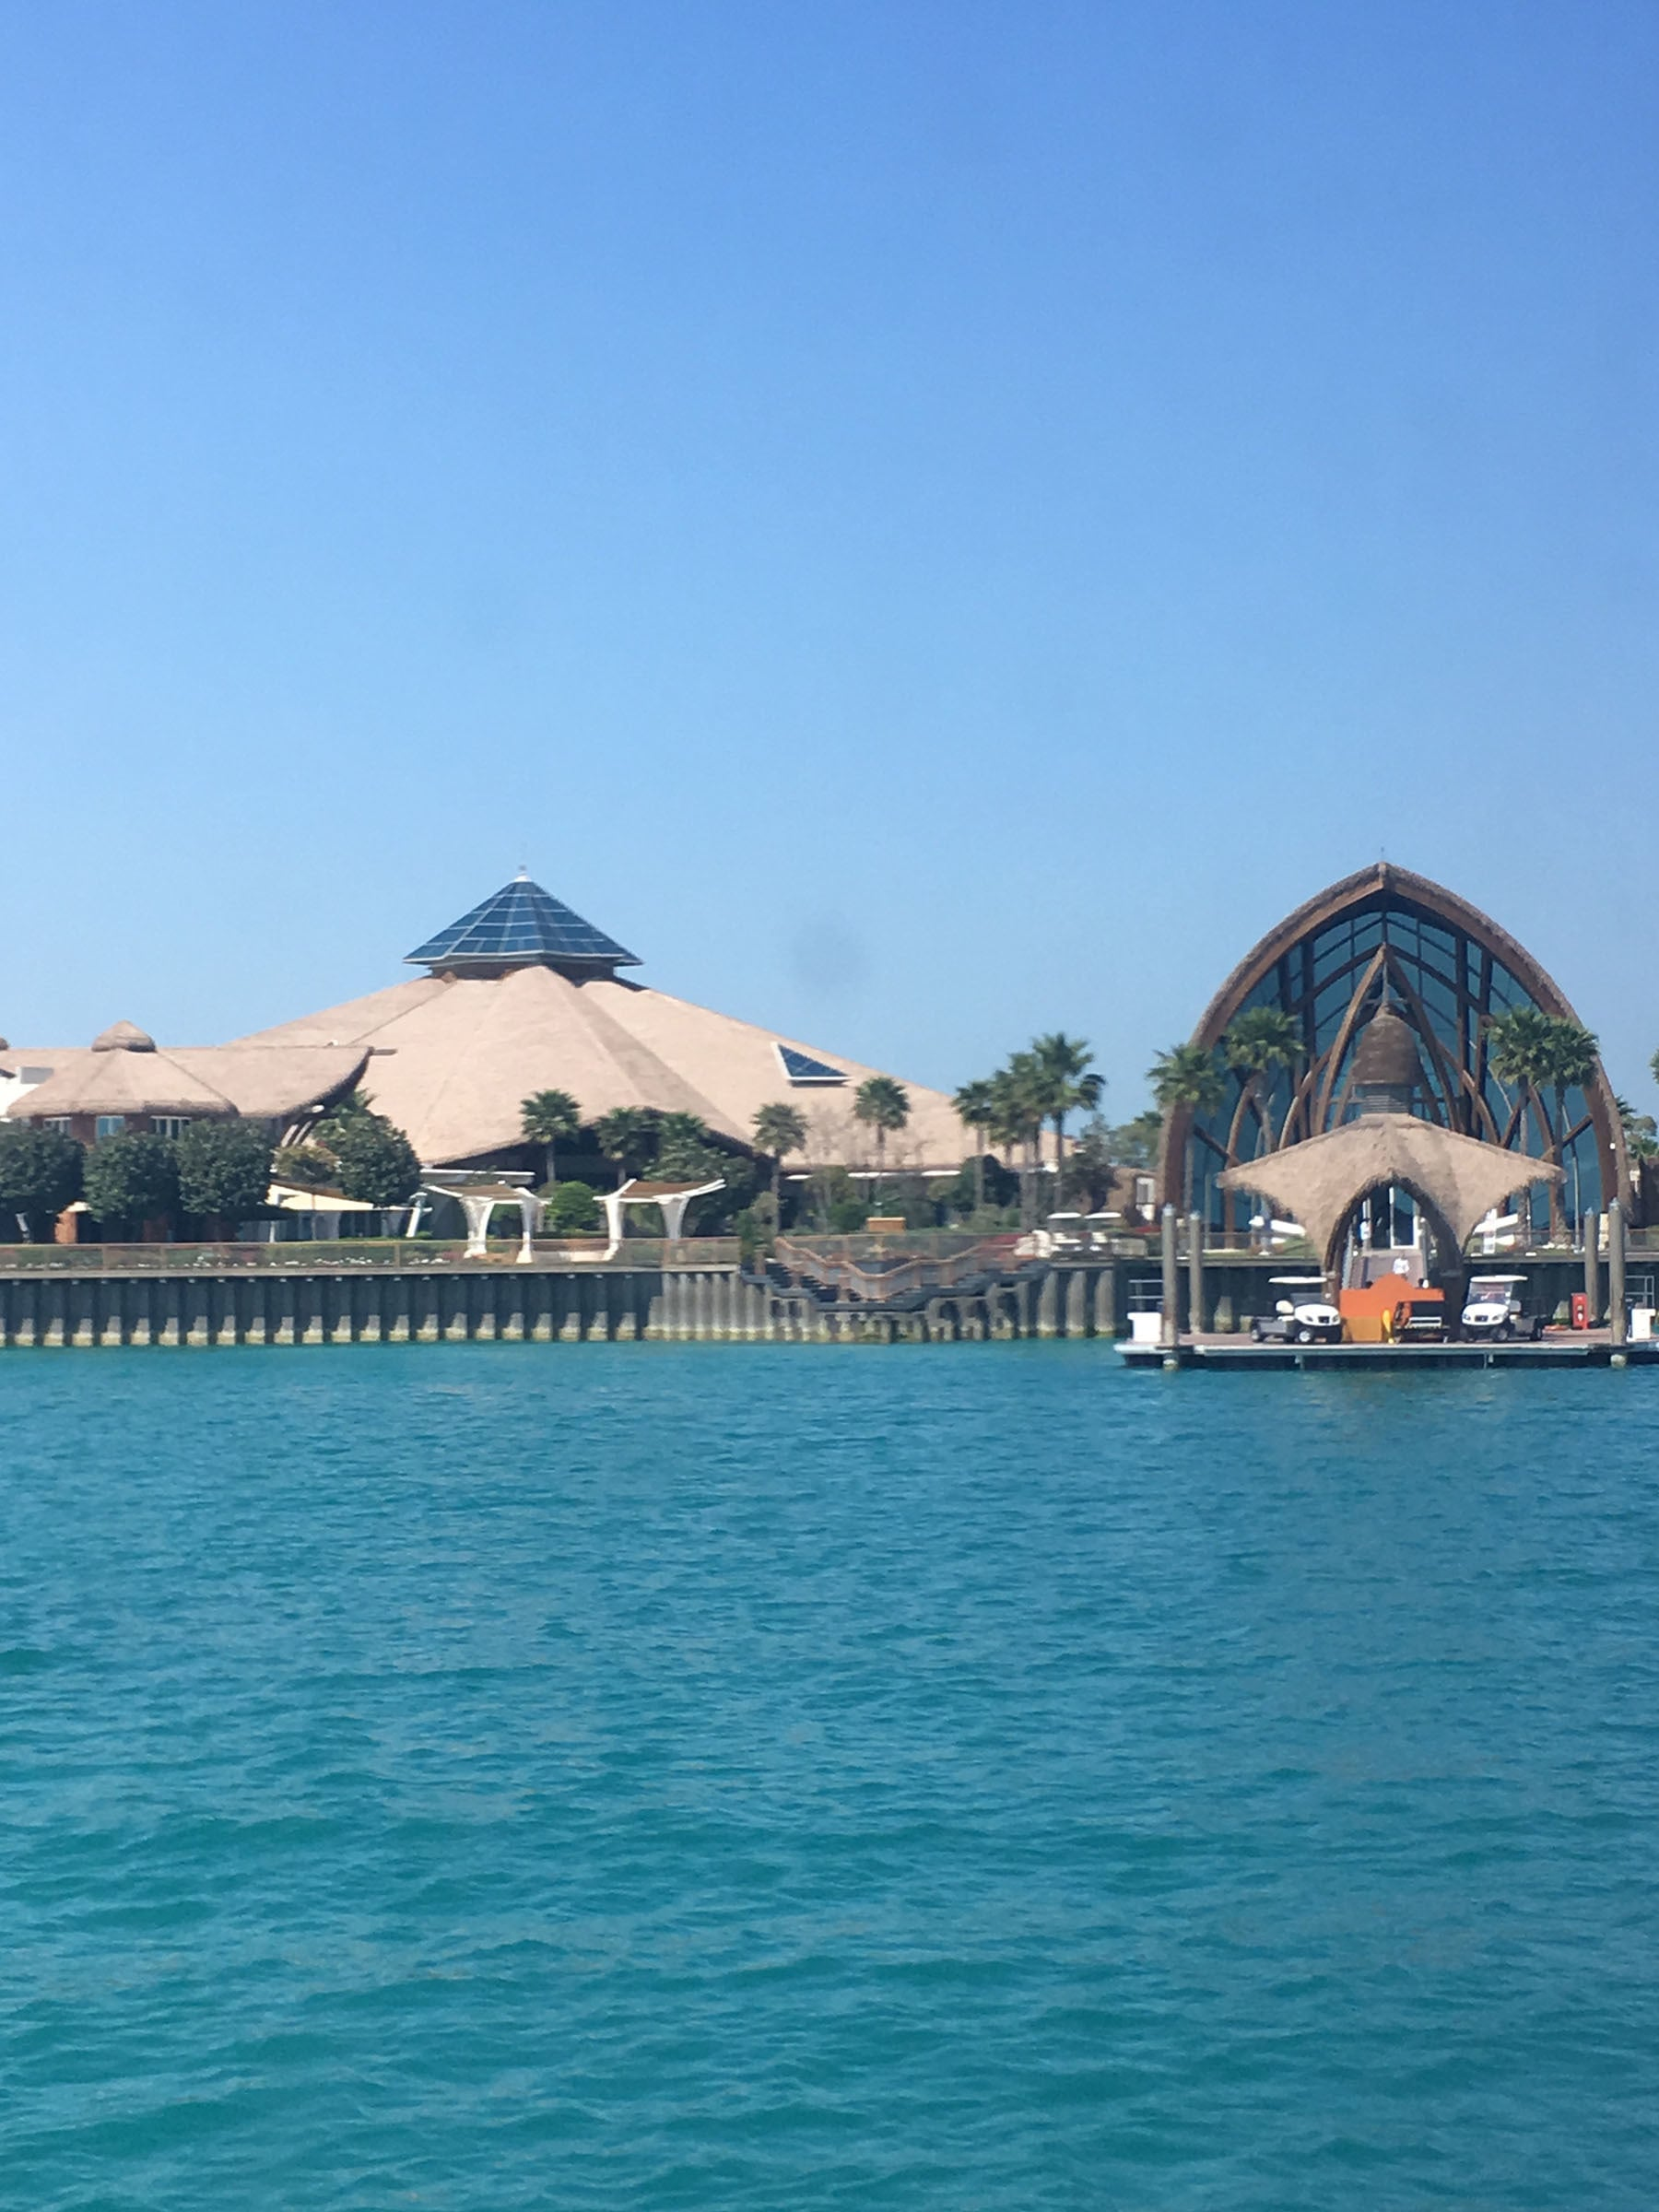 Qatar's luxury resort Banana Island is on an island off the coast of Doha.